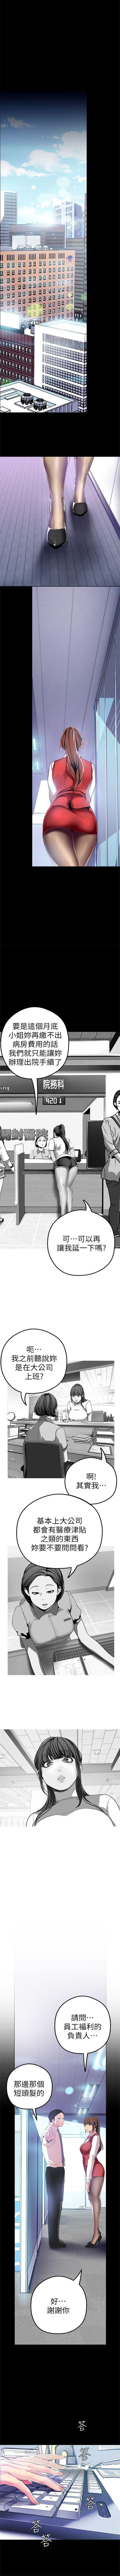 (週1)美麗新世界 1-76 中文翻譯 (更新中) 213